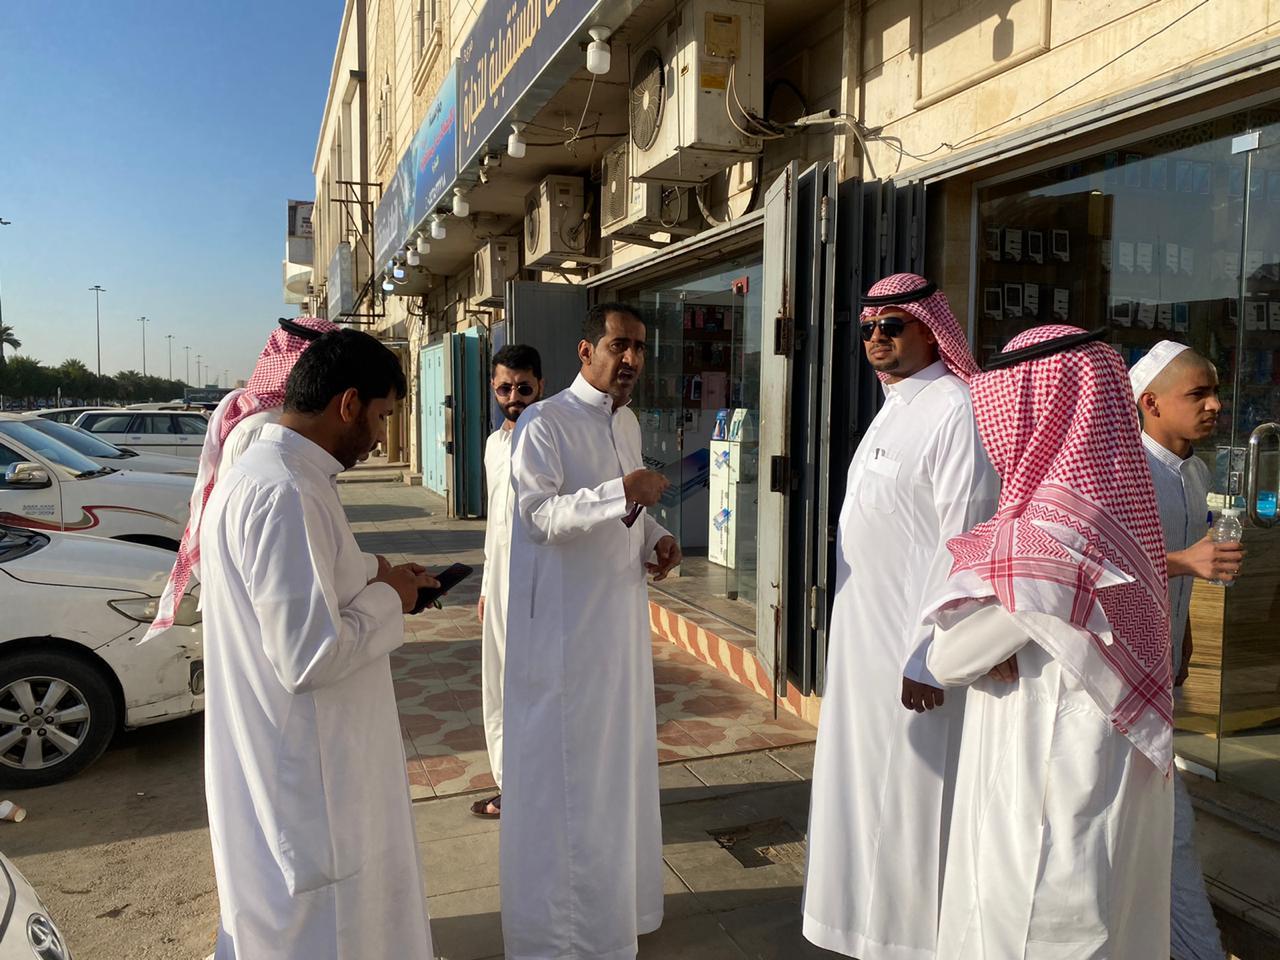 ضبط 314 مخالفة بمحلات الرياض.. والقبض على 4 وافدين مخالفين ...